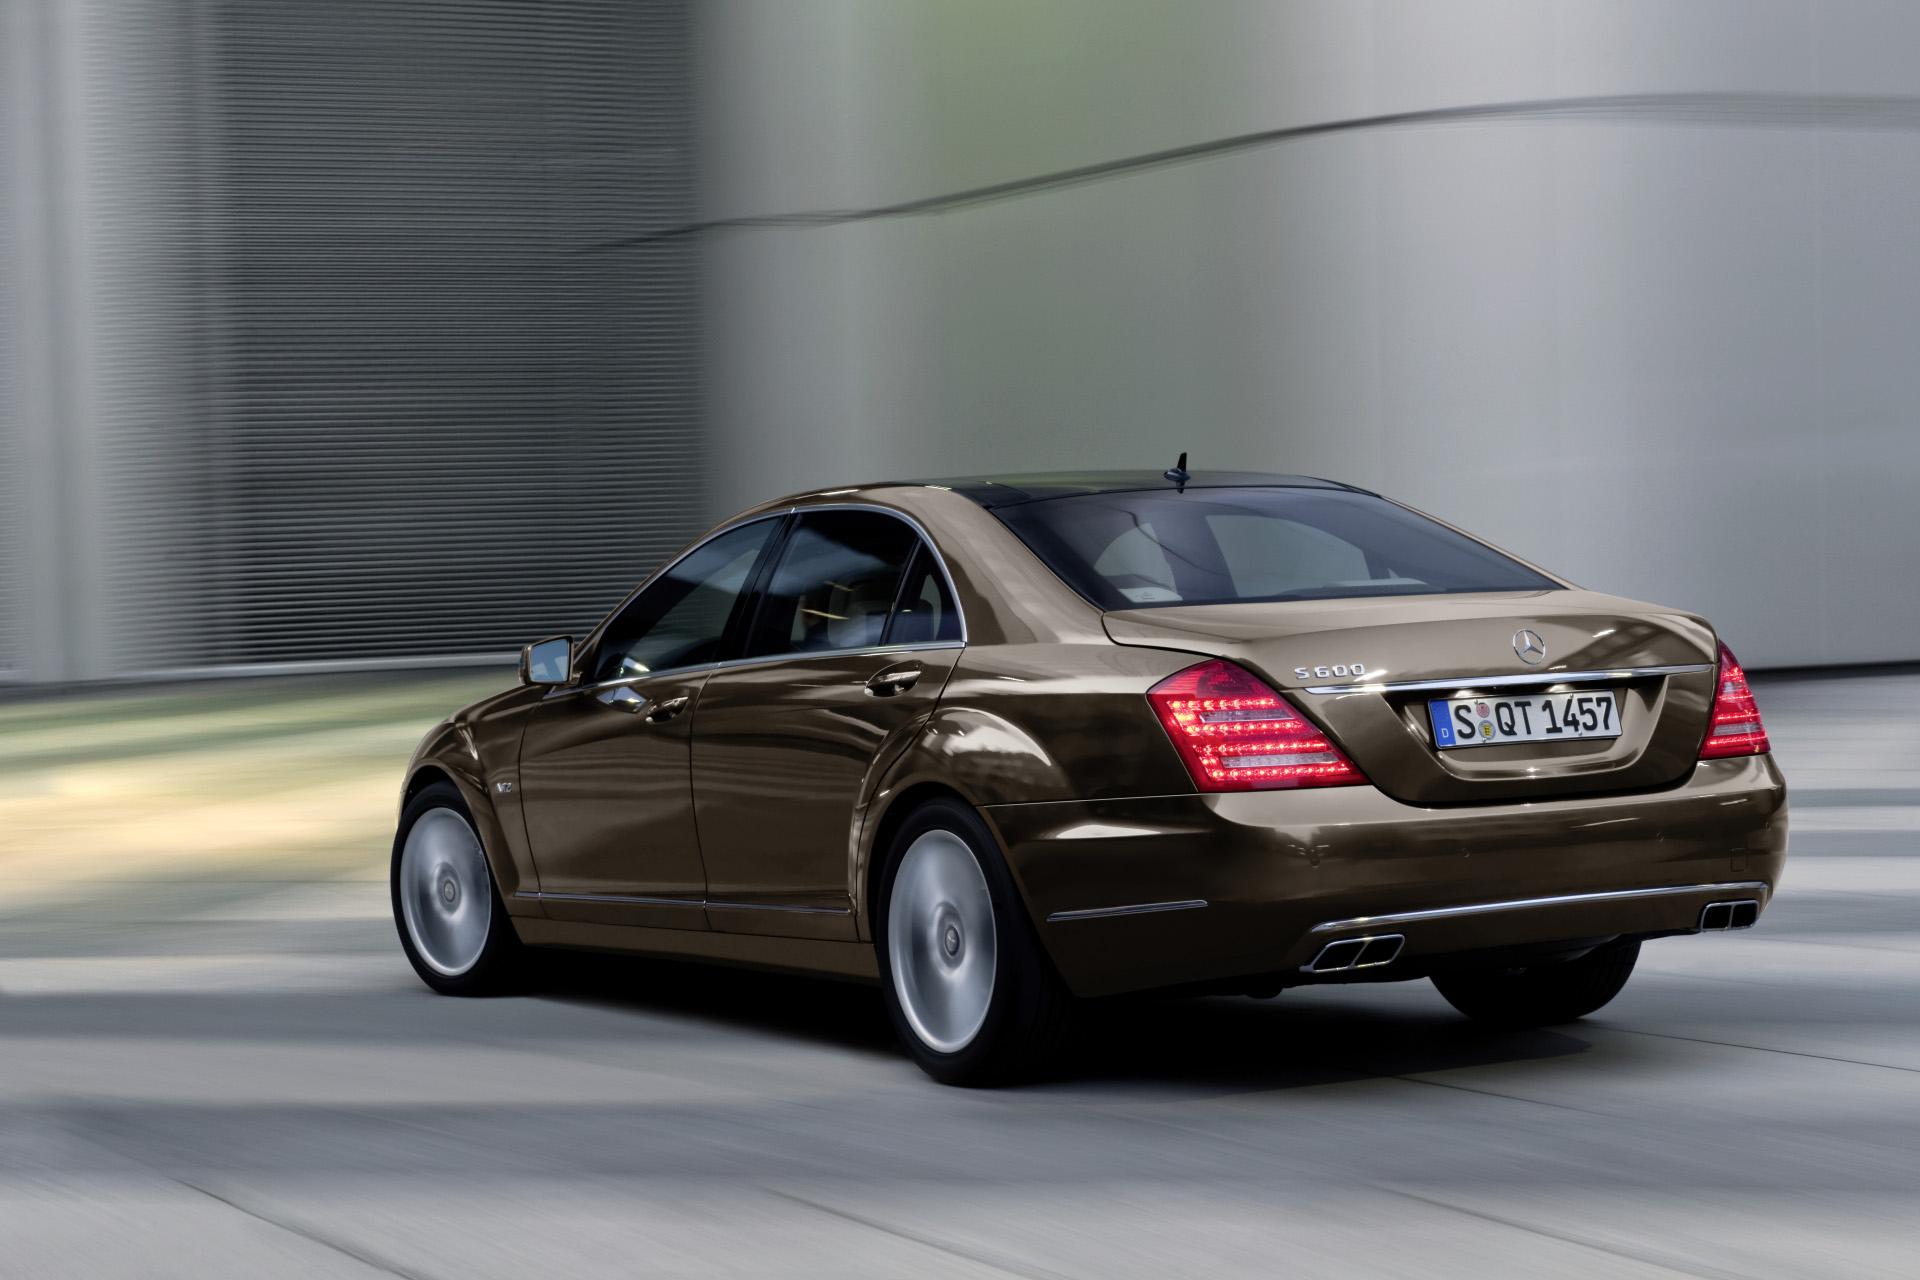 Российские автолюбители заплатили за люксовые авто 2 08 миллиардов рублей в январе